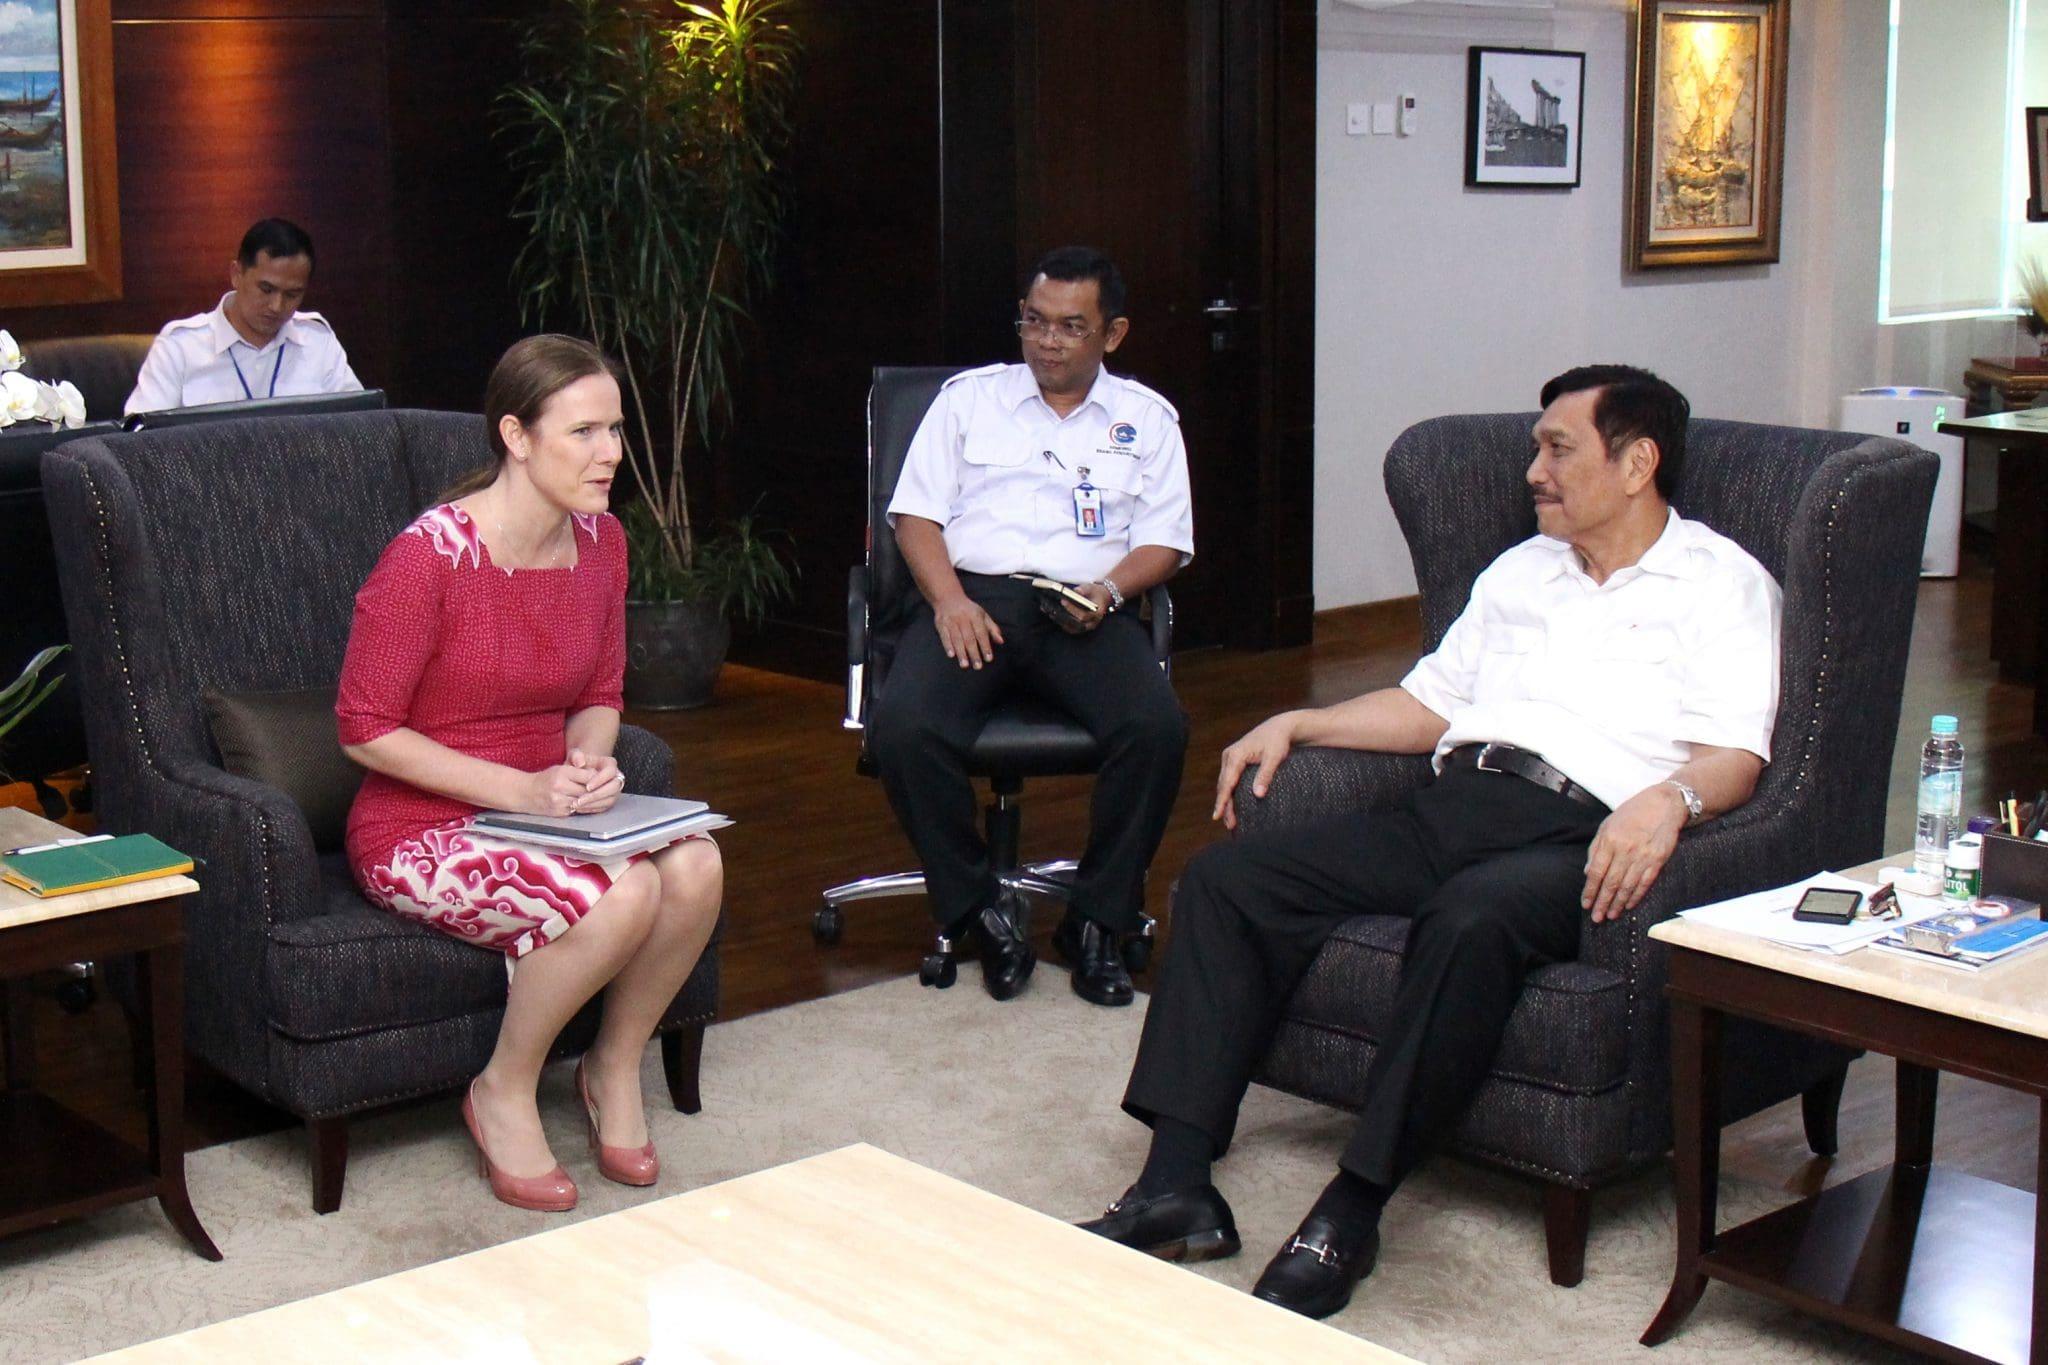 Menko Maritim, Luhut B. Pandjaiatan Meeting dengan BP. Asia Pacific Regional President, Mrs. Christina Verchere.